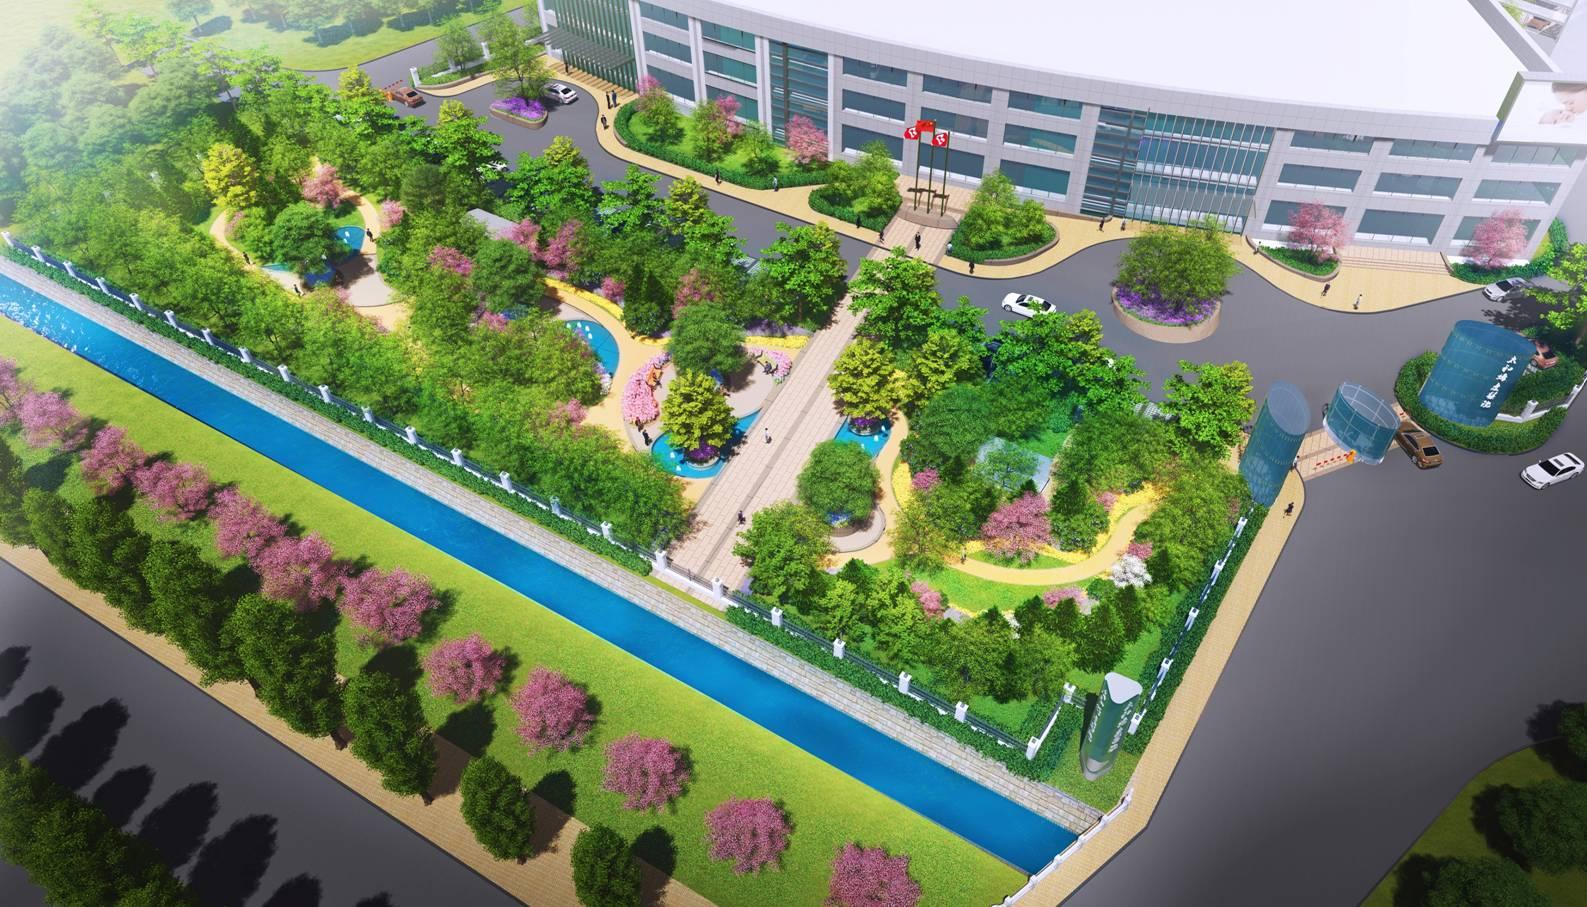 这哪是医院景观设计,明明是公园好吗?